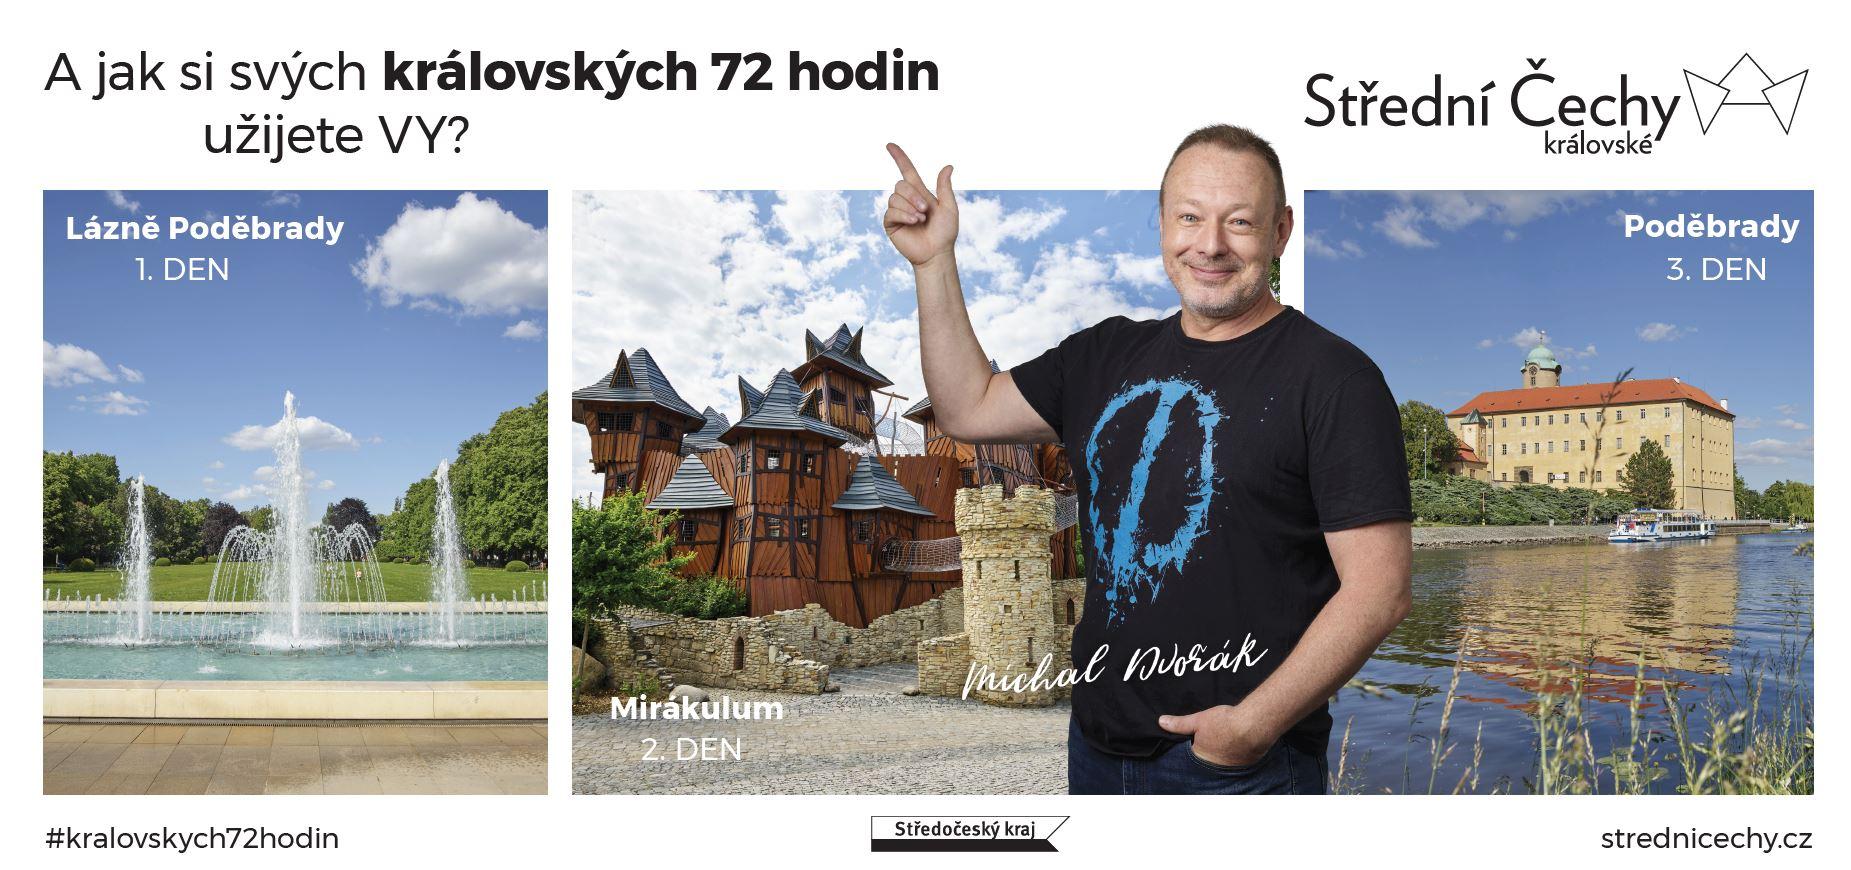 Michal Dvořák v kampani Střední Čechy královské